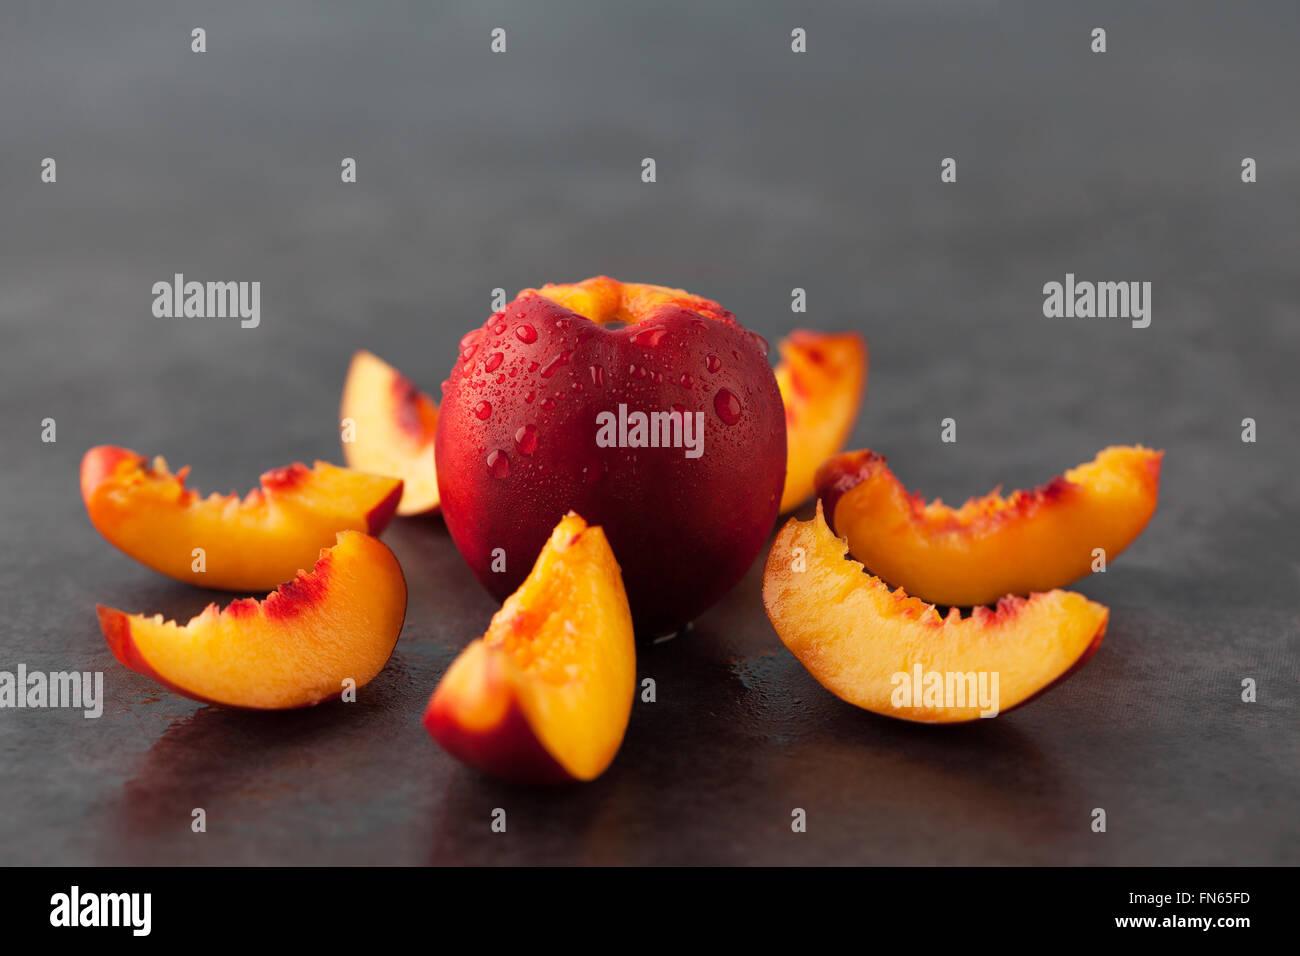 Giallo Nettarine Pesche - tutta la frutta e le fette su una schifezza scuro dello sfondo. Profondità di campo. Immagini Stock